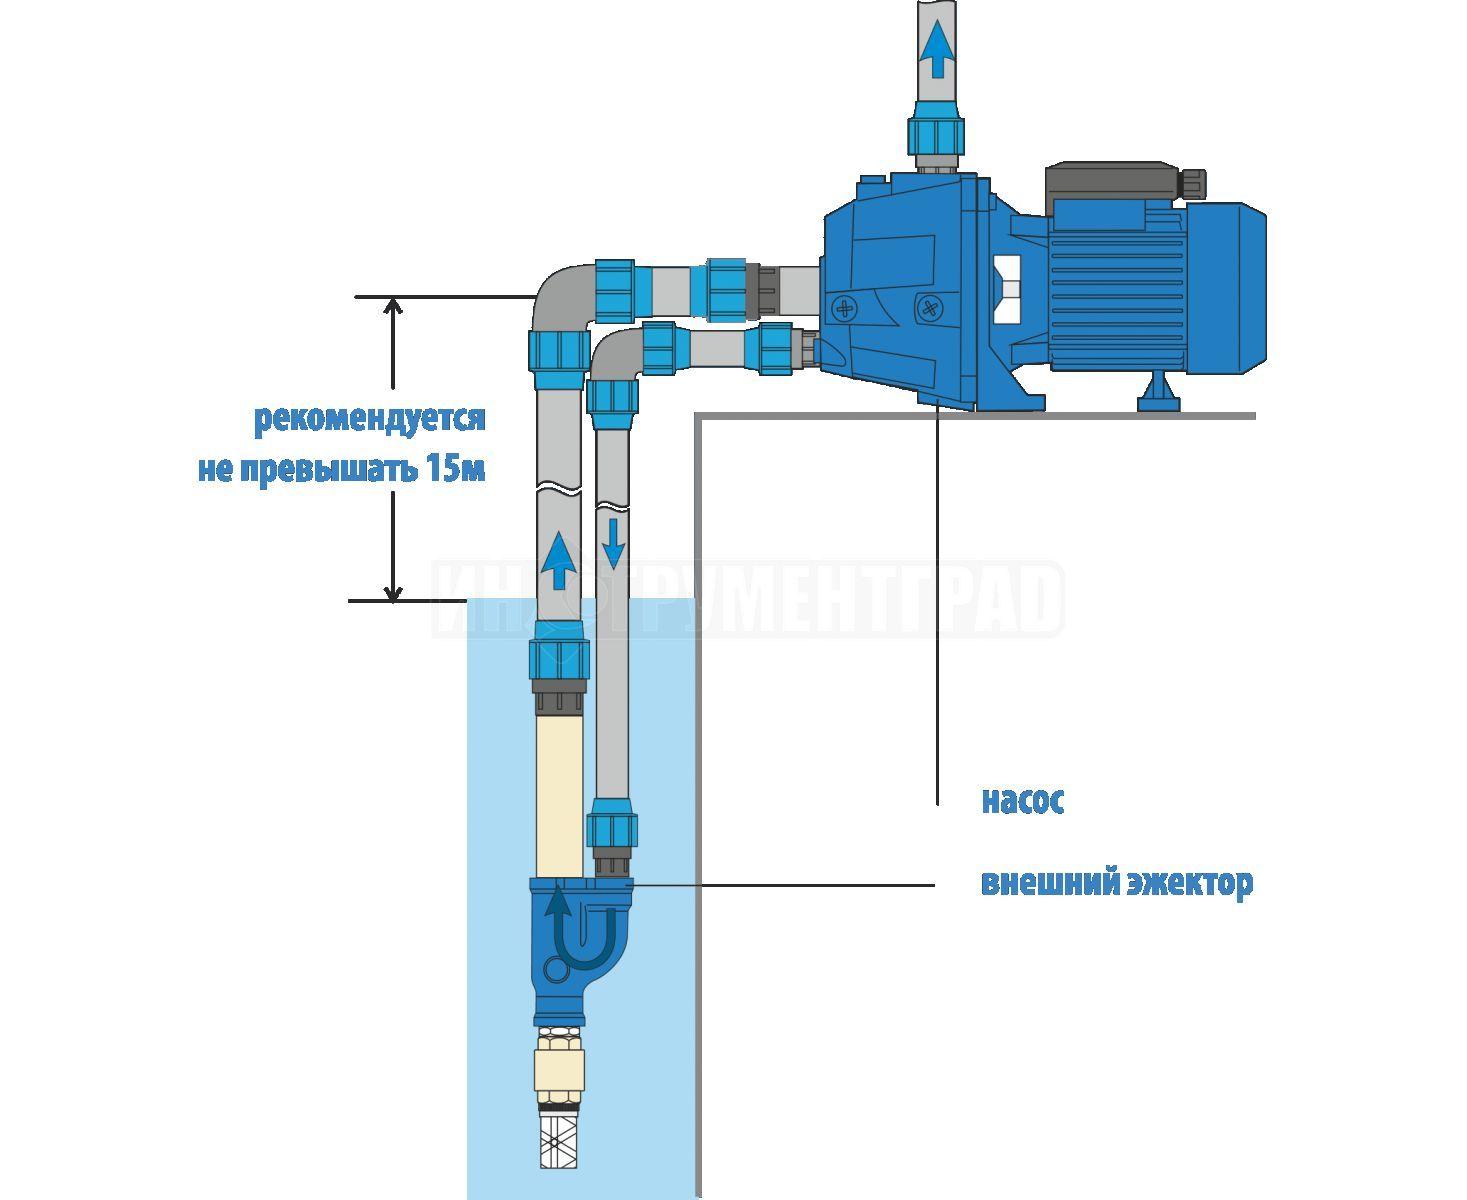 Описание насосной станции: устройство и принцип работы, применение в автономном водоснабжении